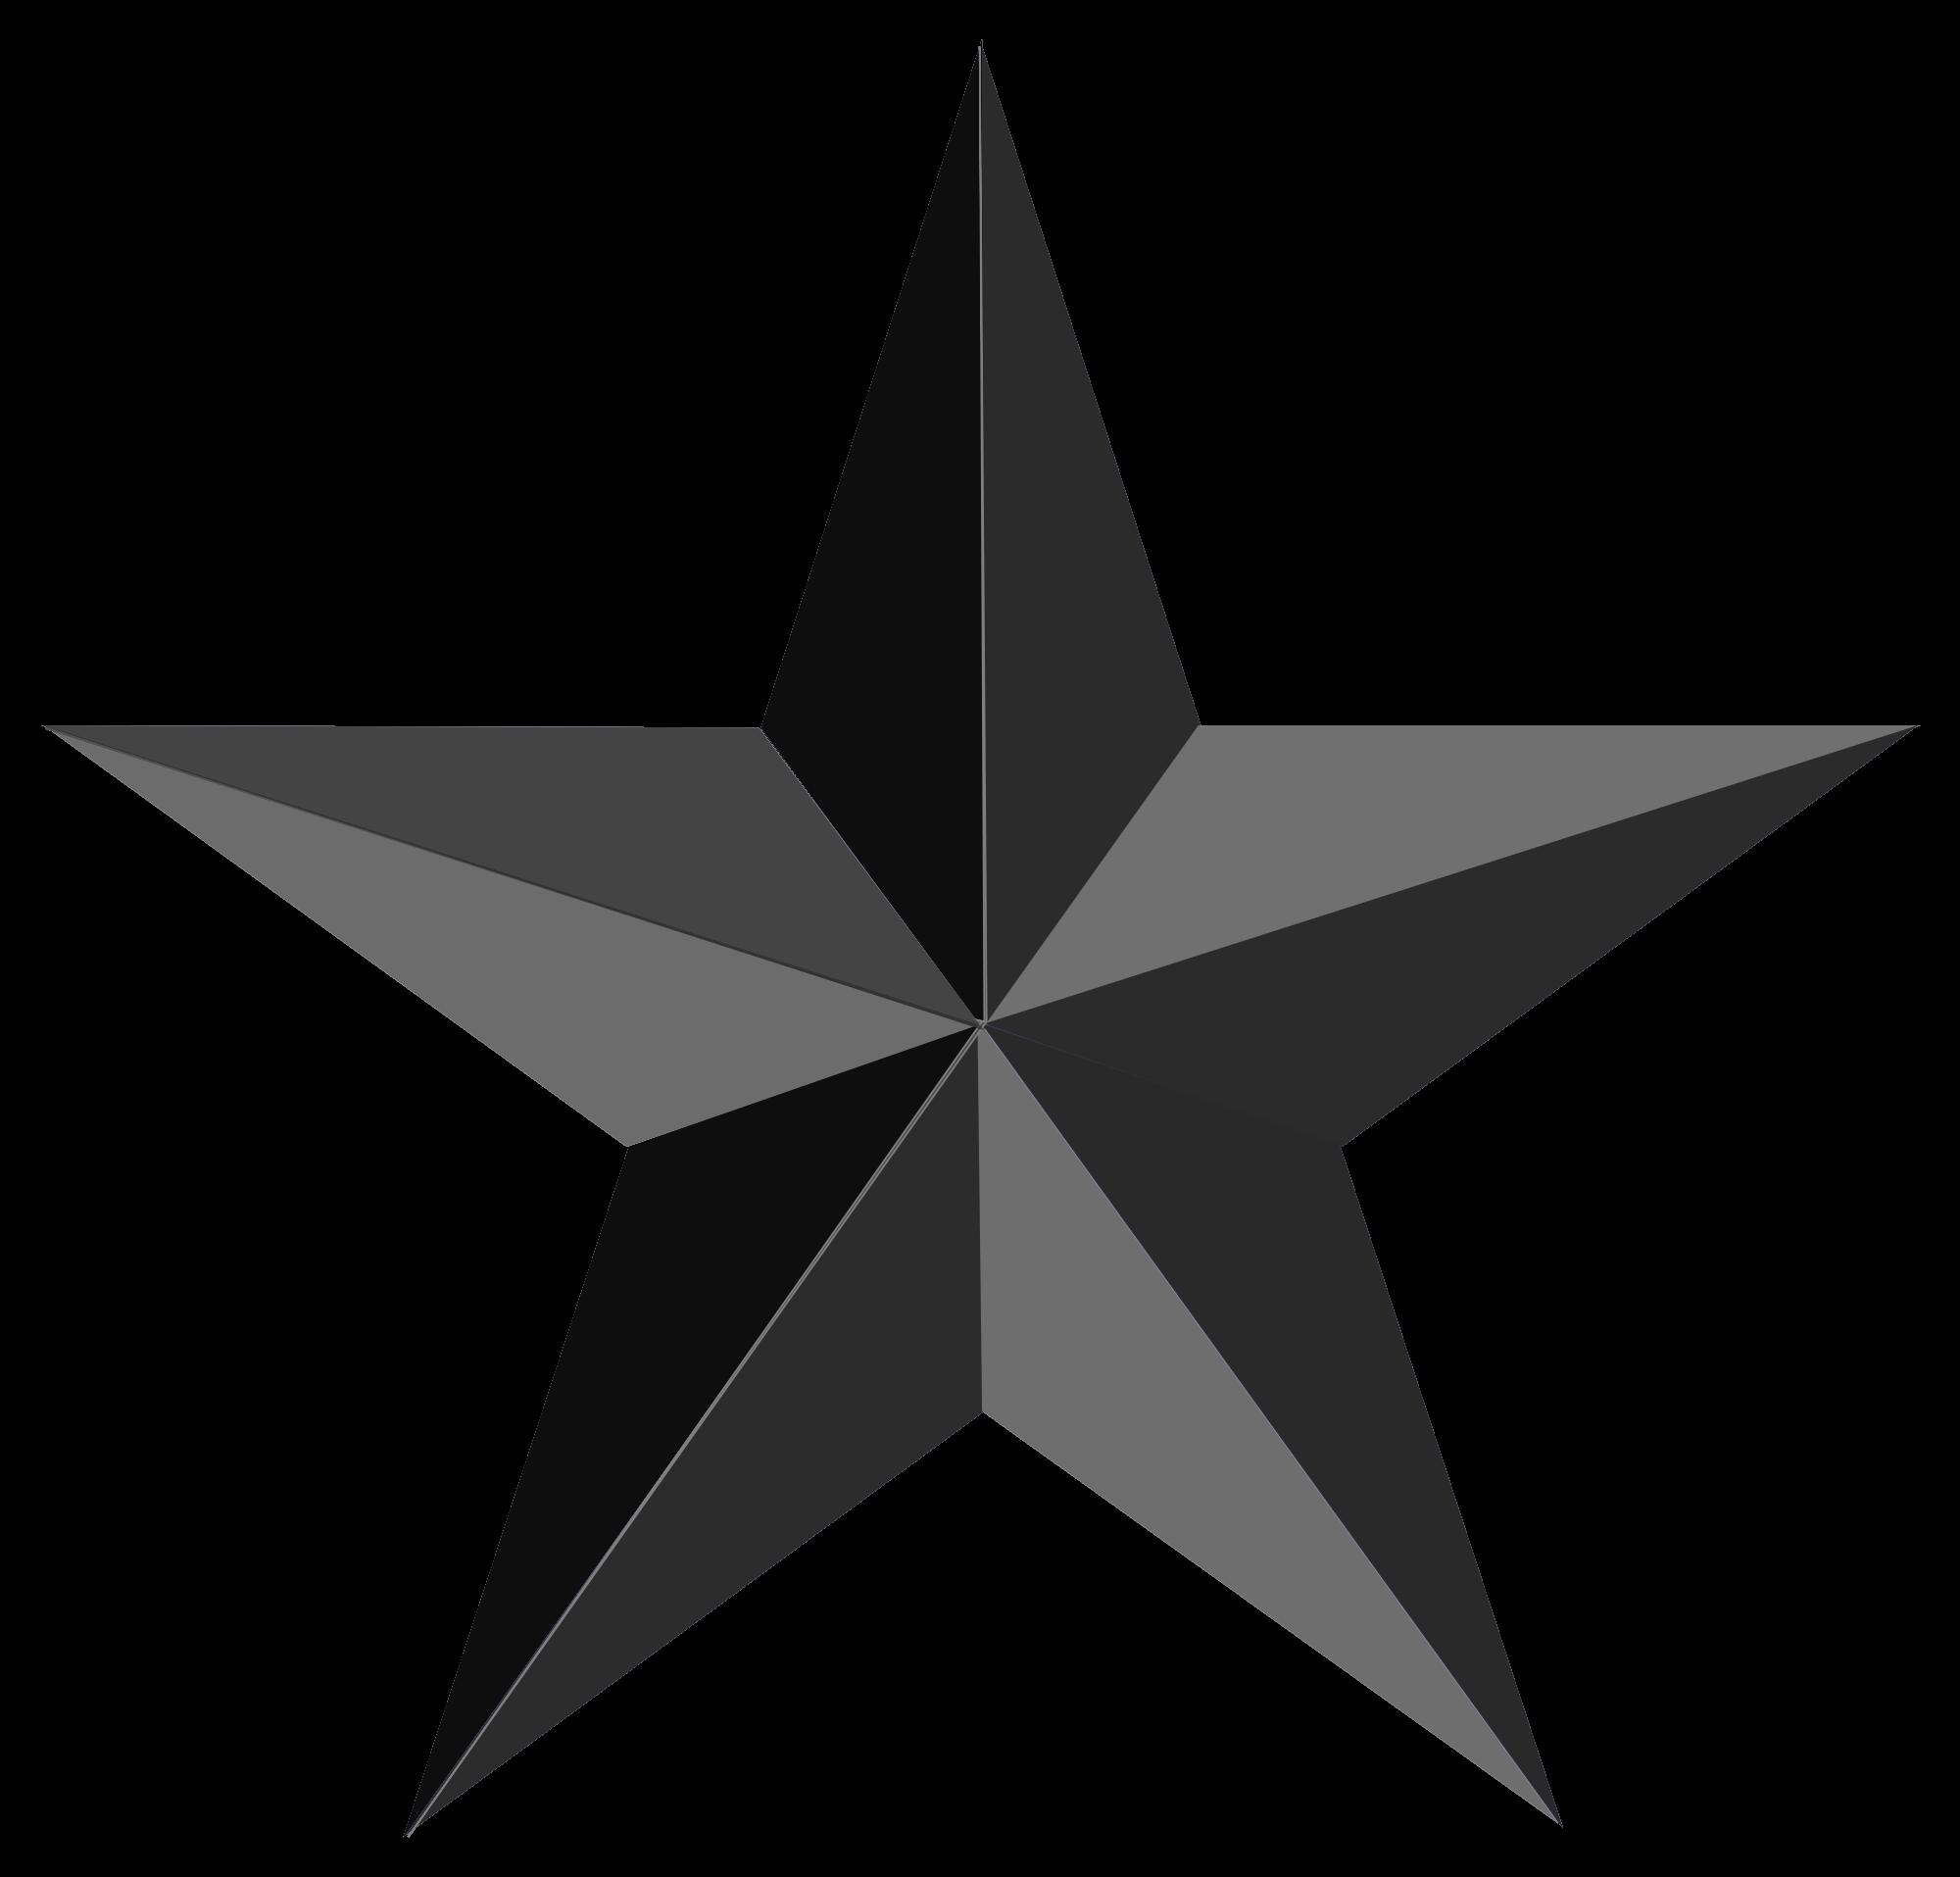 платья, открытую черная звезда картинки этот